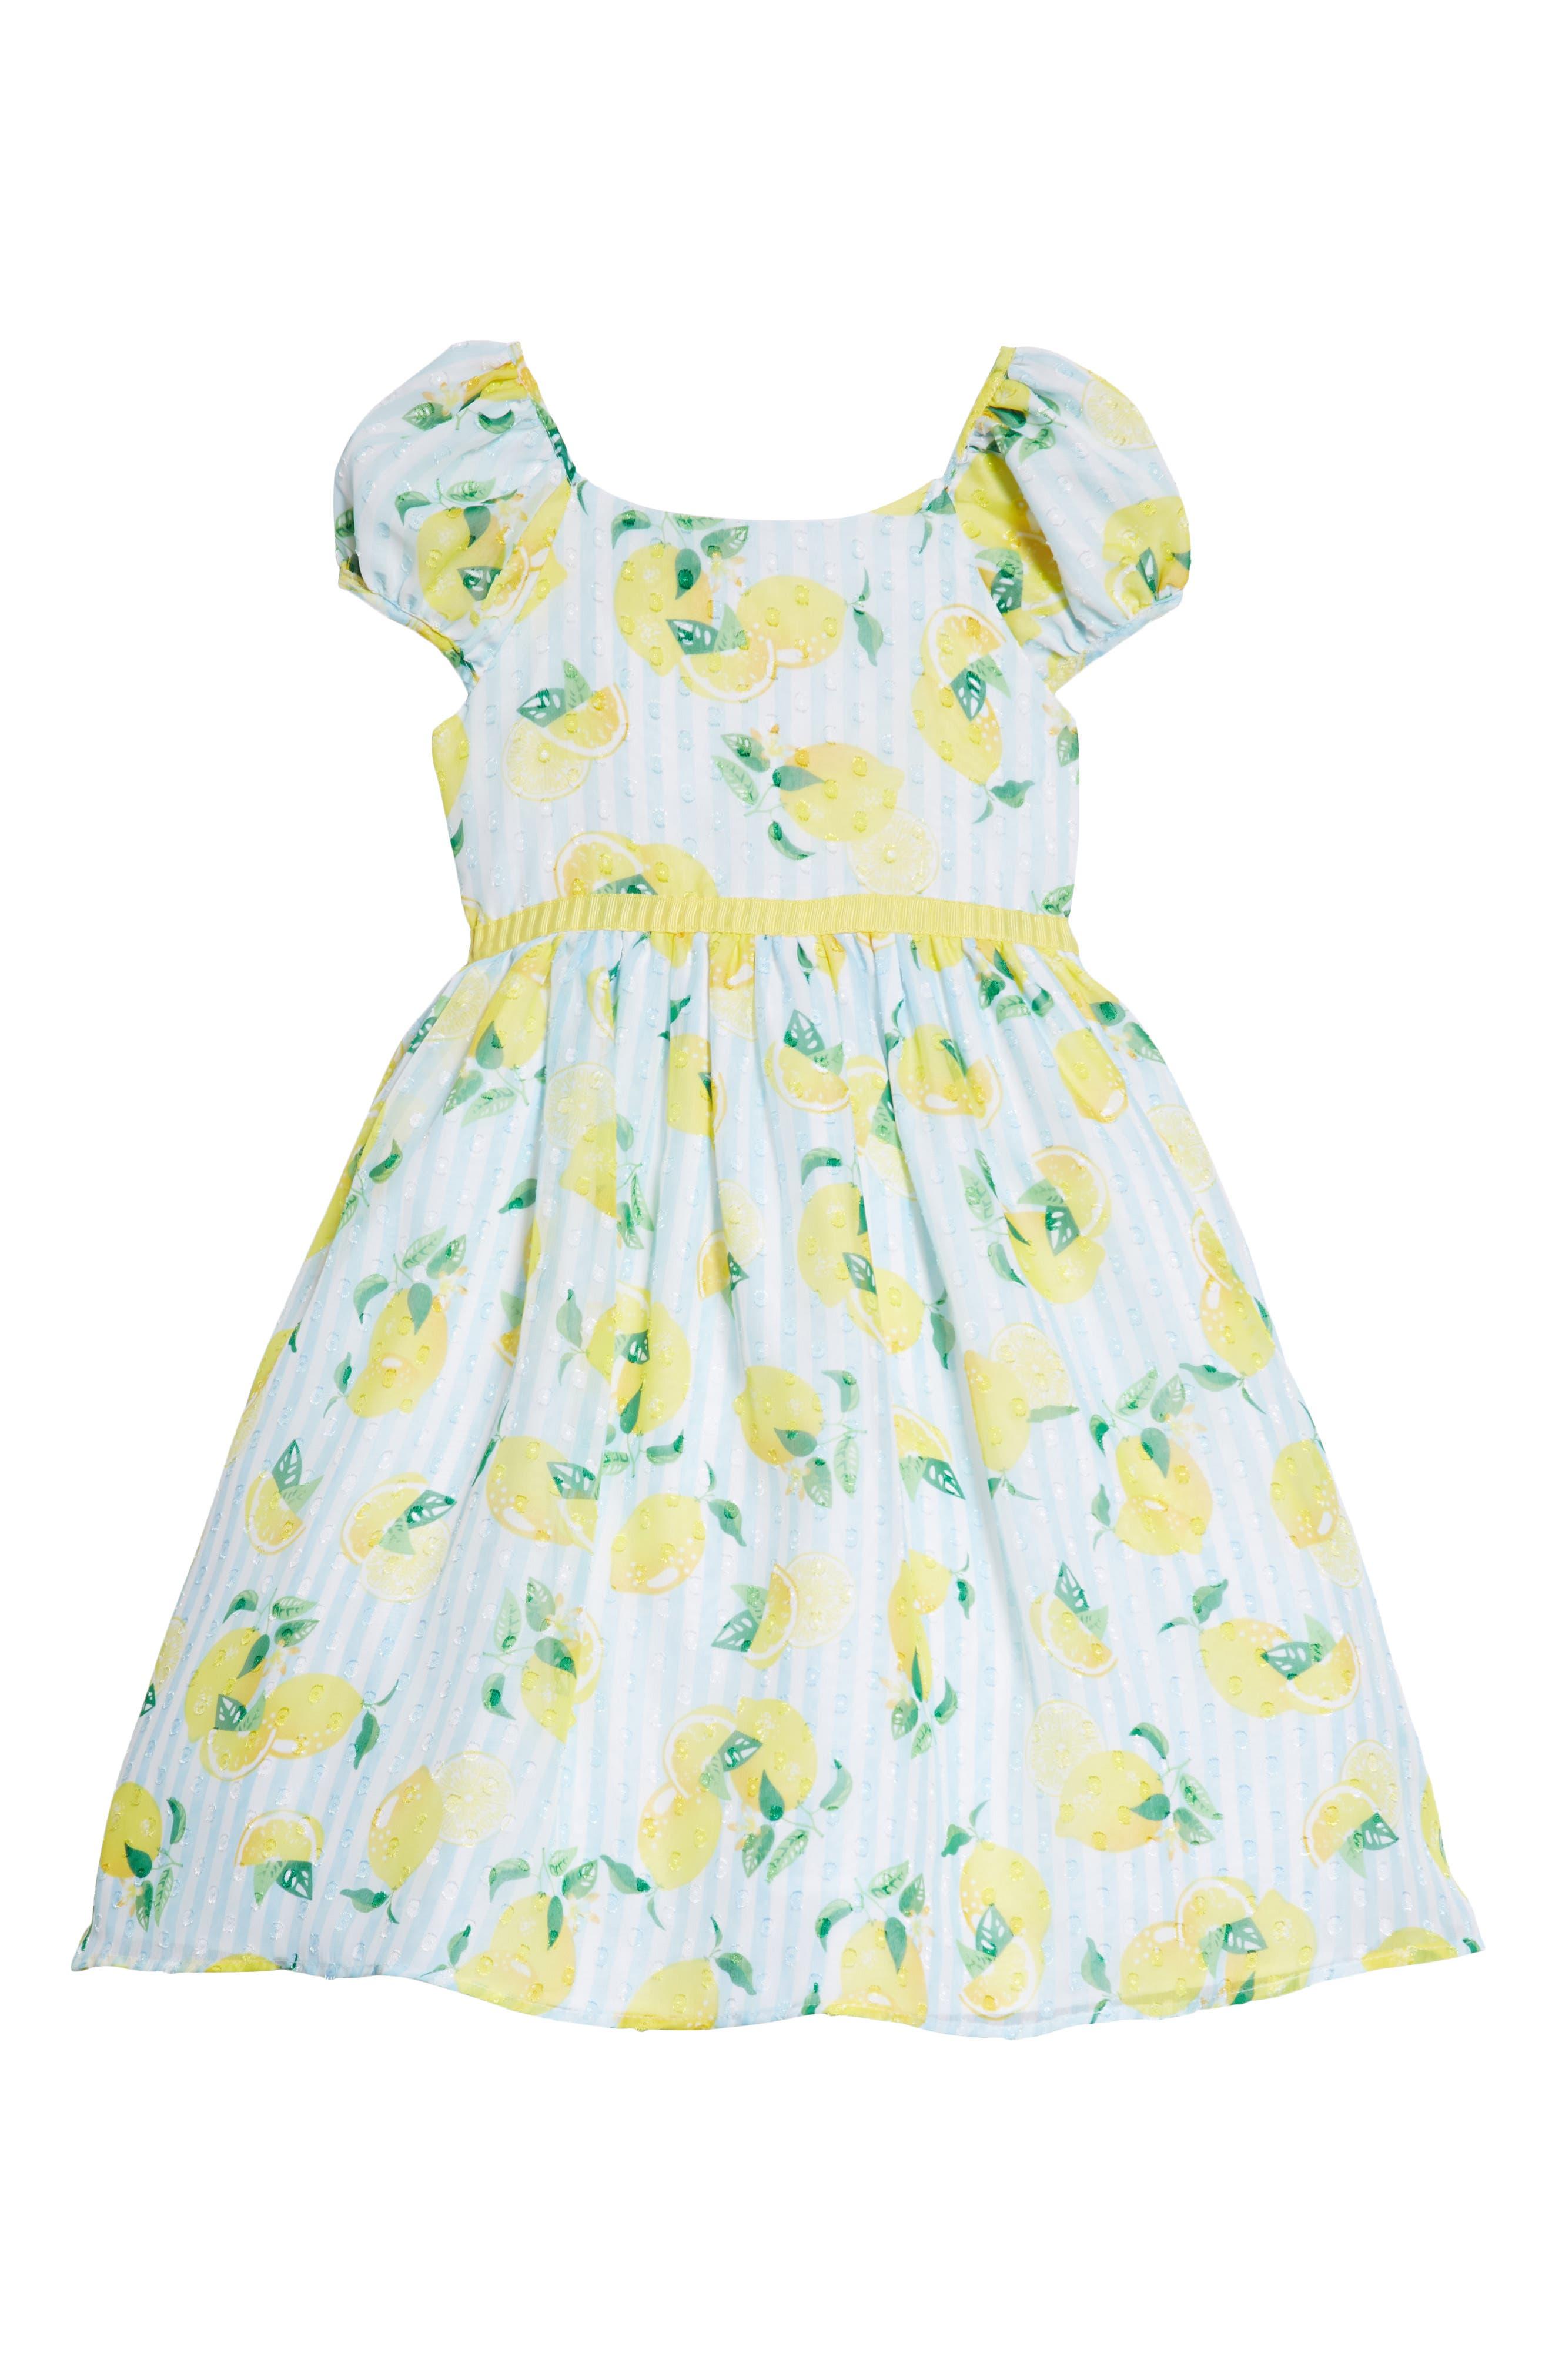 Alternate Image 1 Selected - Pastourelle by Pippa & Julie Lemon Print Dress (Toddler Girls & Little Girls)